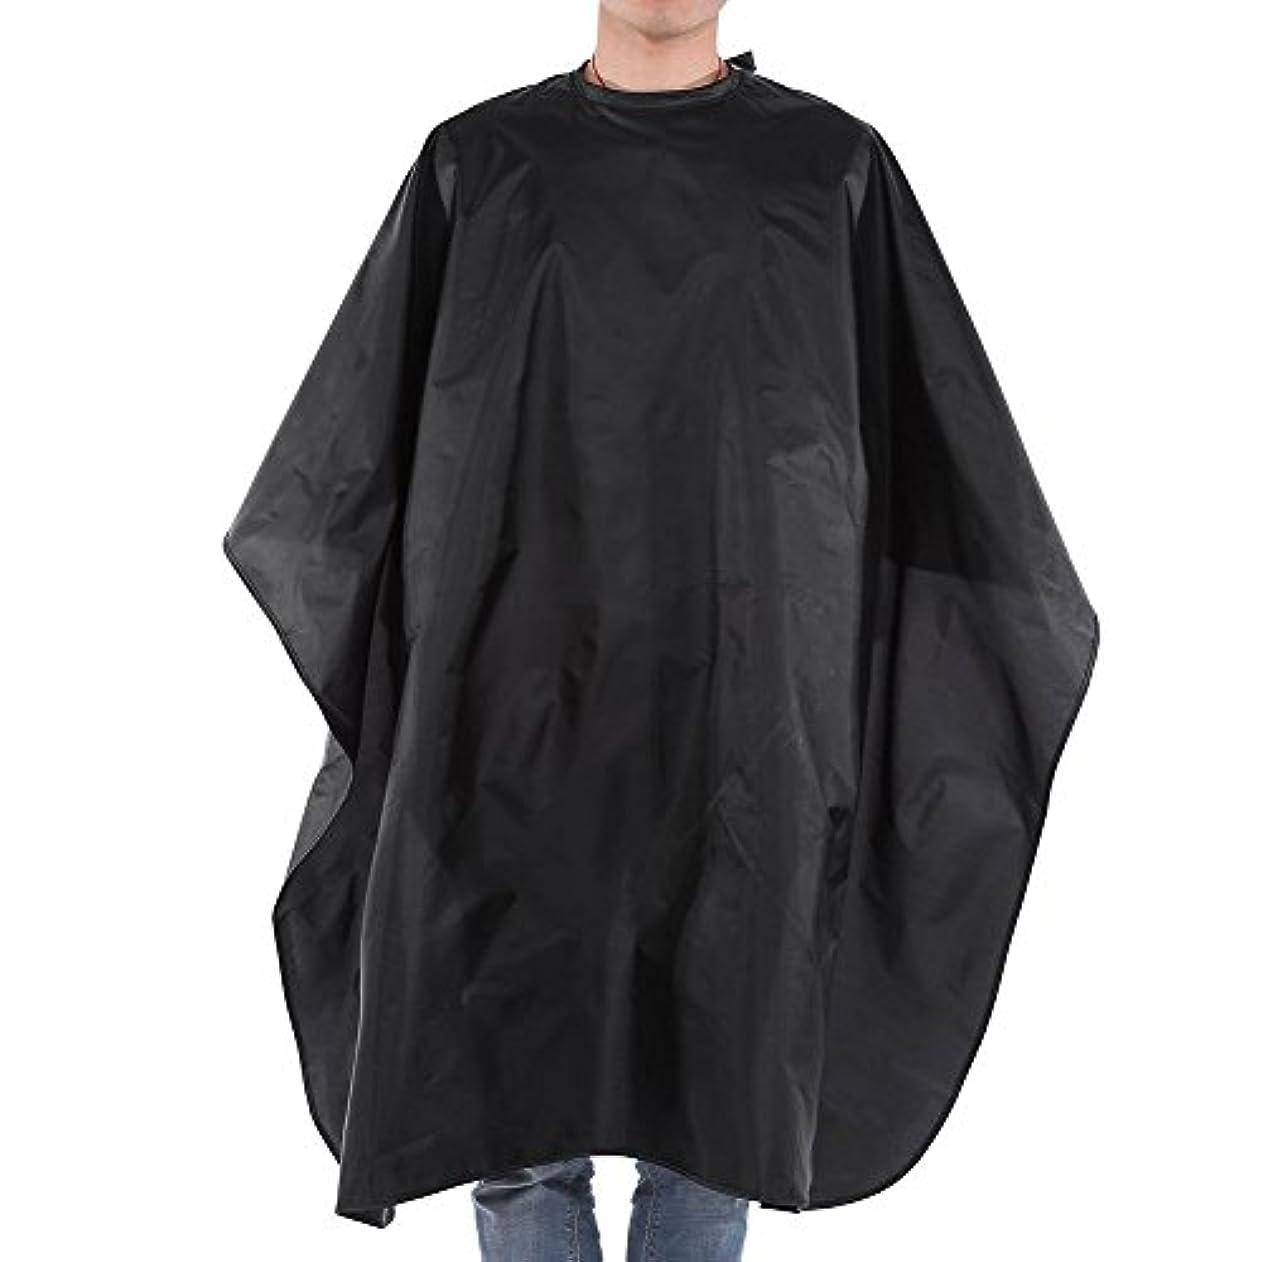 パイル文字ぐるぐる理容室スタイリングケープ、ブラックサロンヘアカット理髪理髪店ケープガウン大人の布防水スナップクロージャー59×47インチ